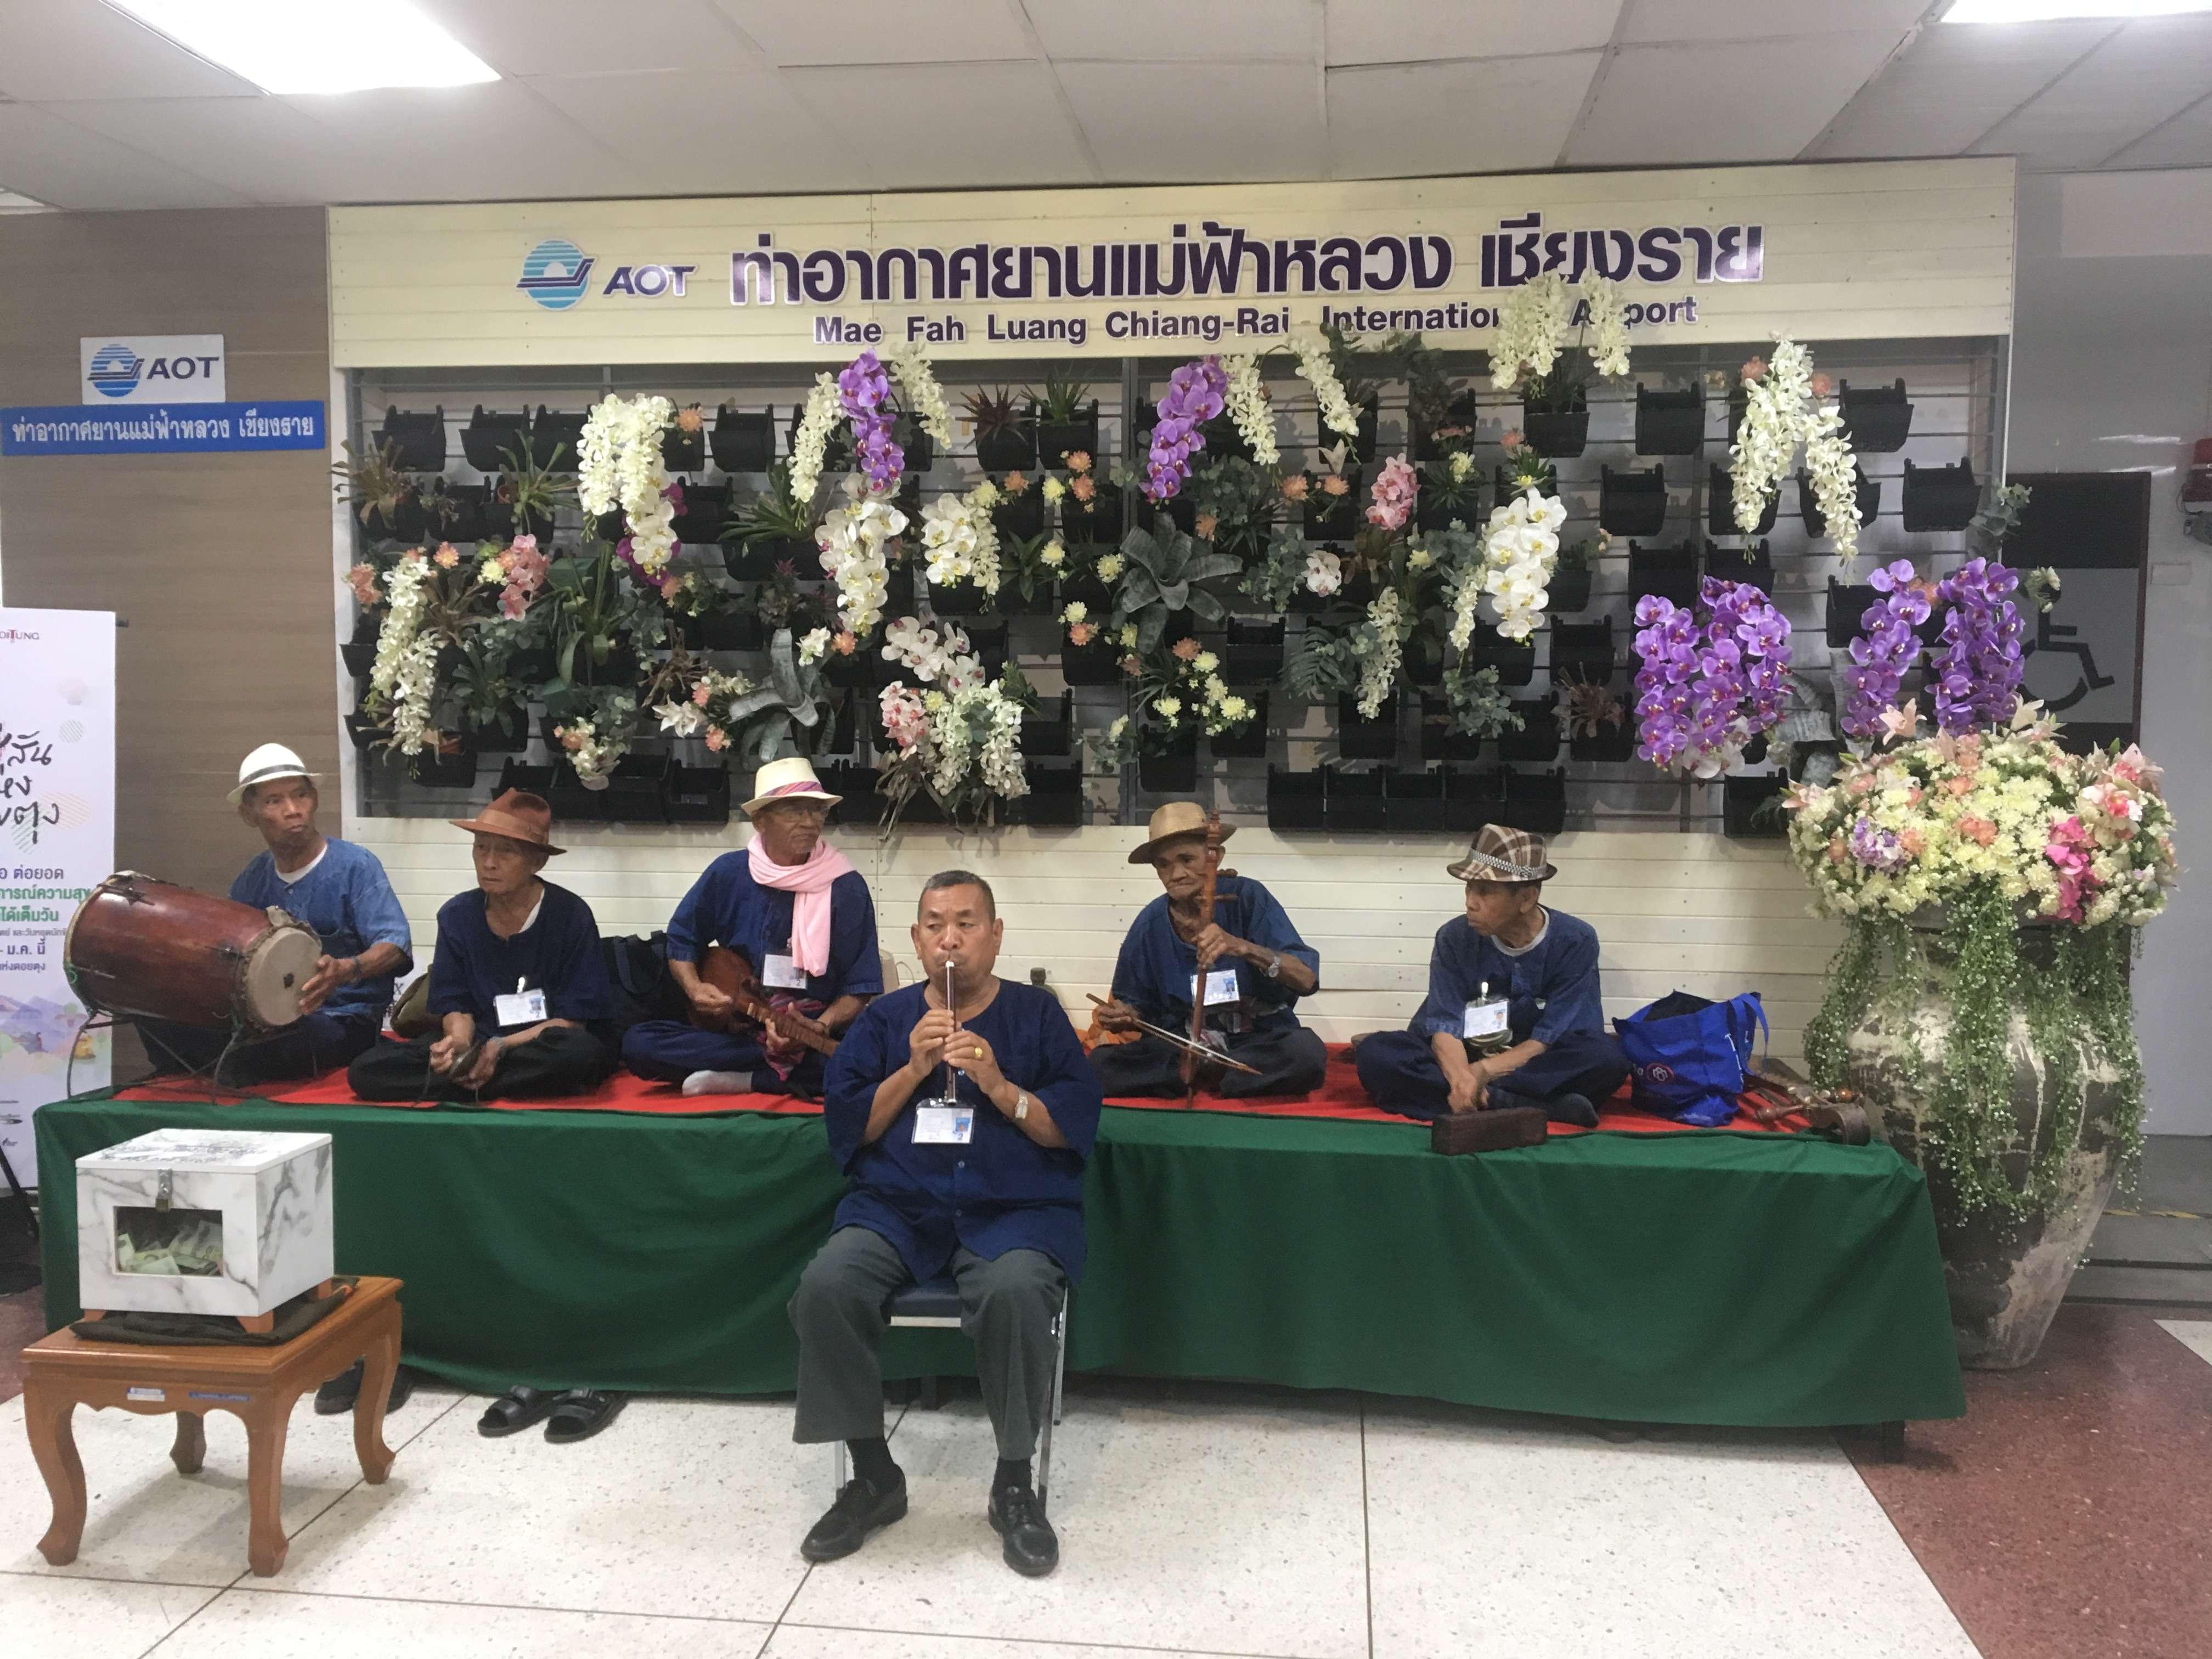 Тайский оркестр. Торжественная встреча в аэропорту Чианг Рай